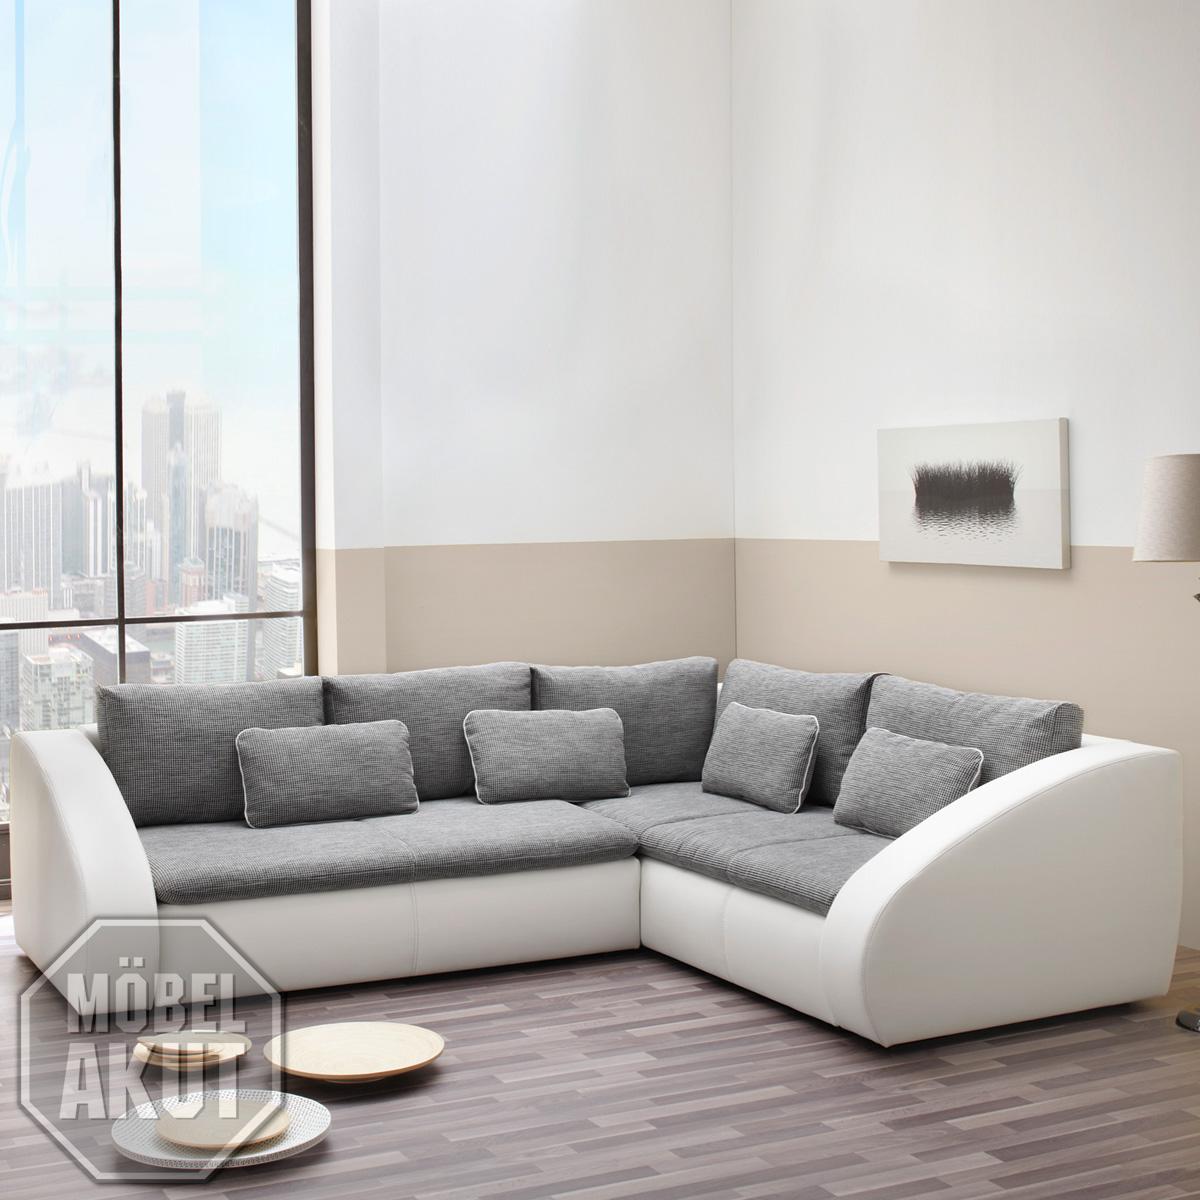 Wohnlandschaft sotos ecksofa sofa in wei grau mit for Wohnlandschaft mit bettkasten